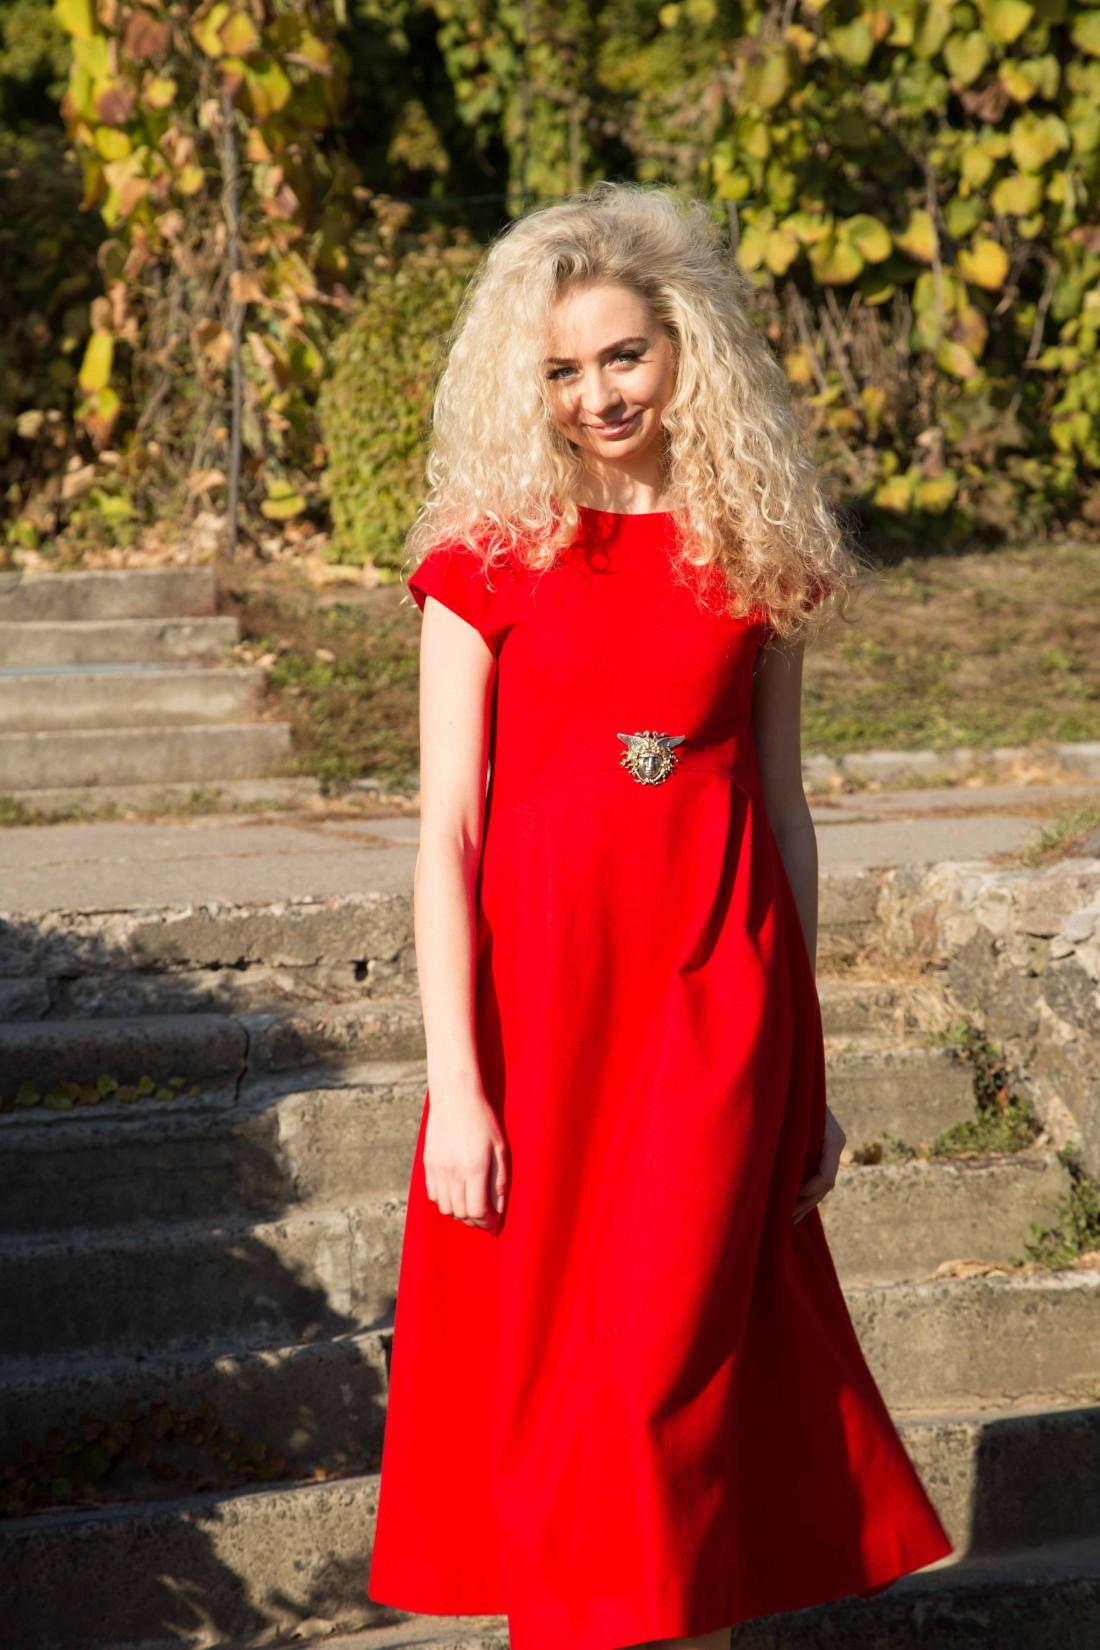 Украинский дизайнер Анастасия Иванова советует встрнечать новый год в платье